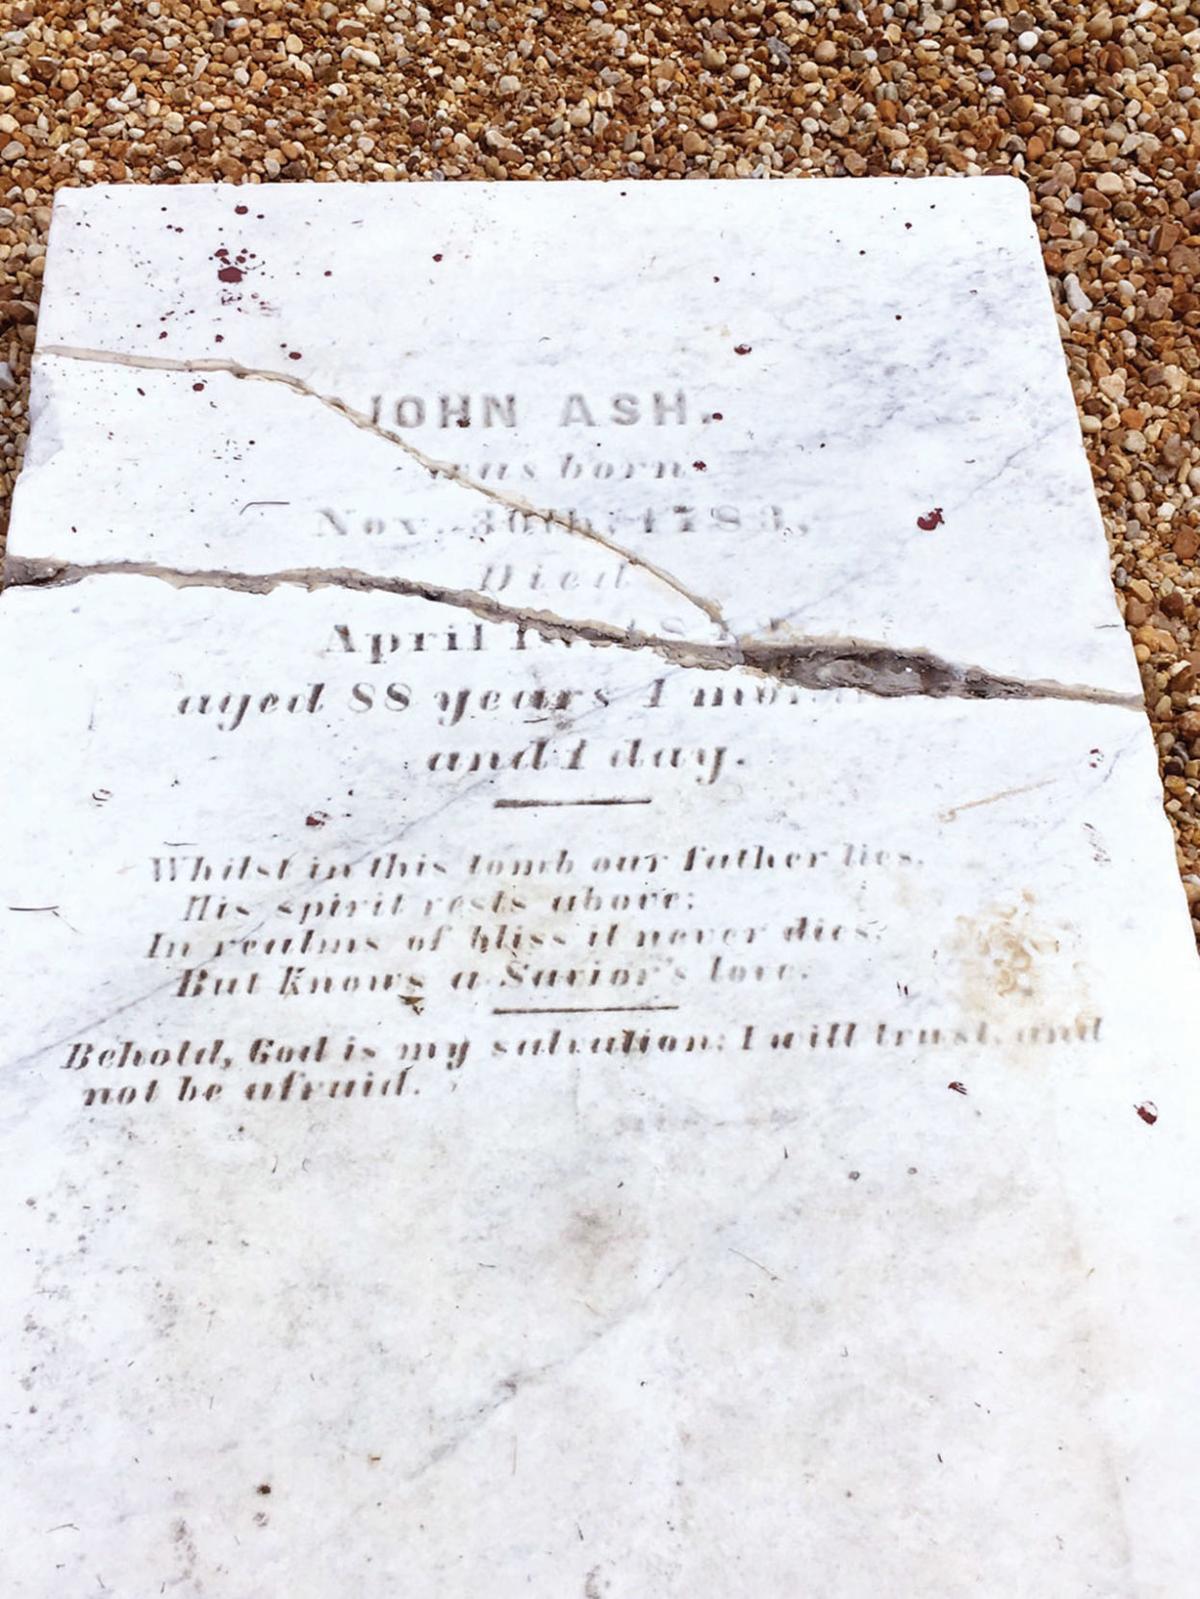 Original headstone of John Ash